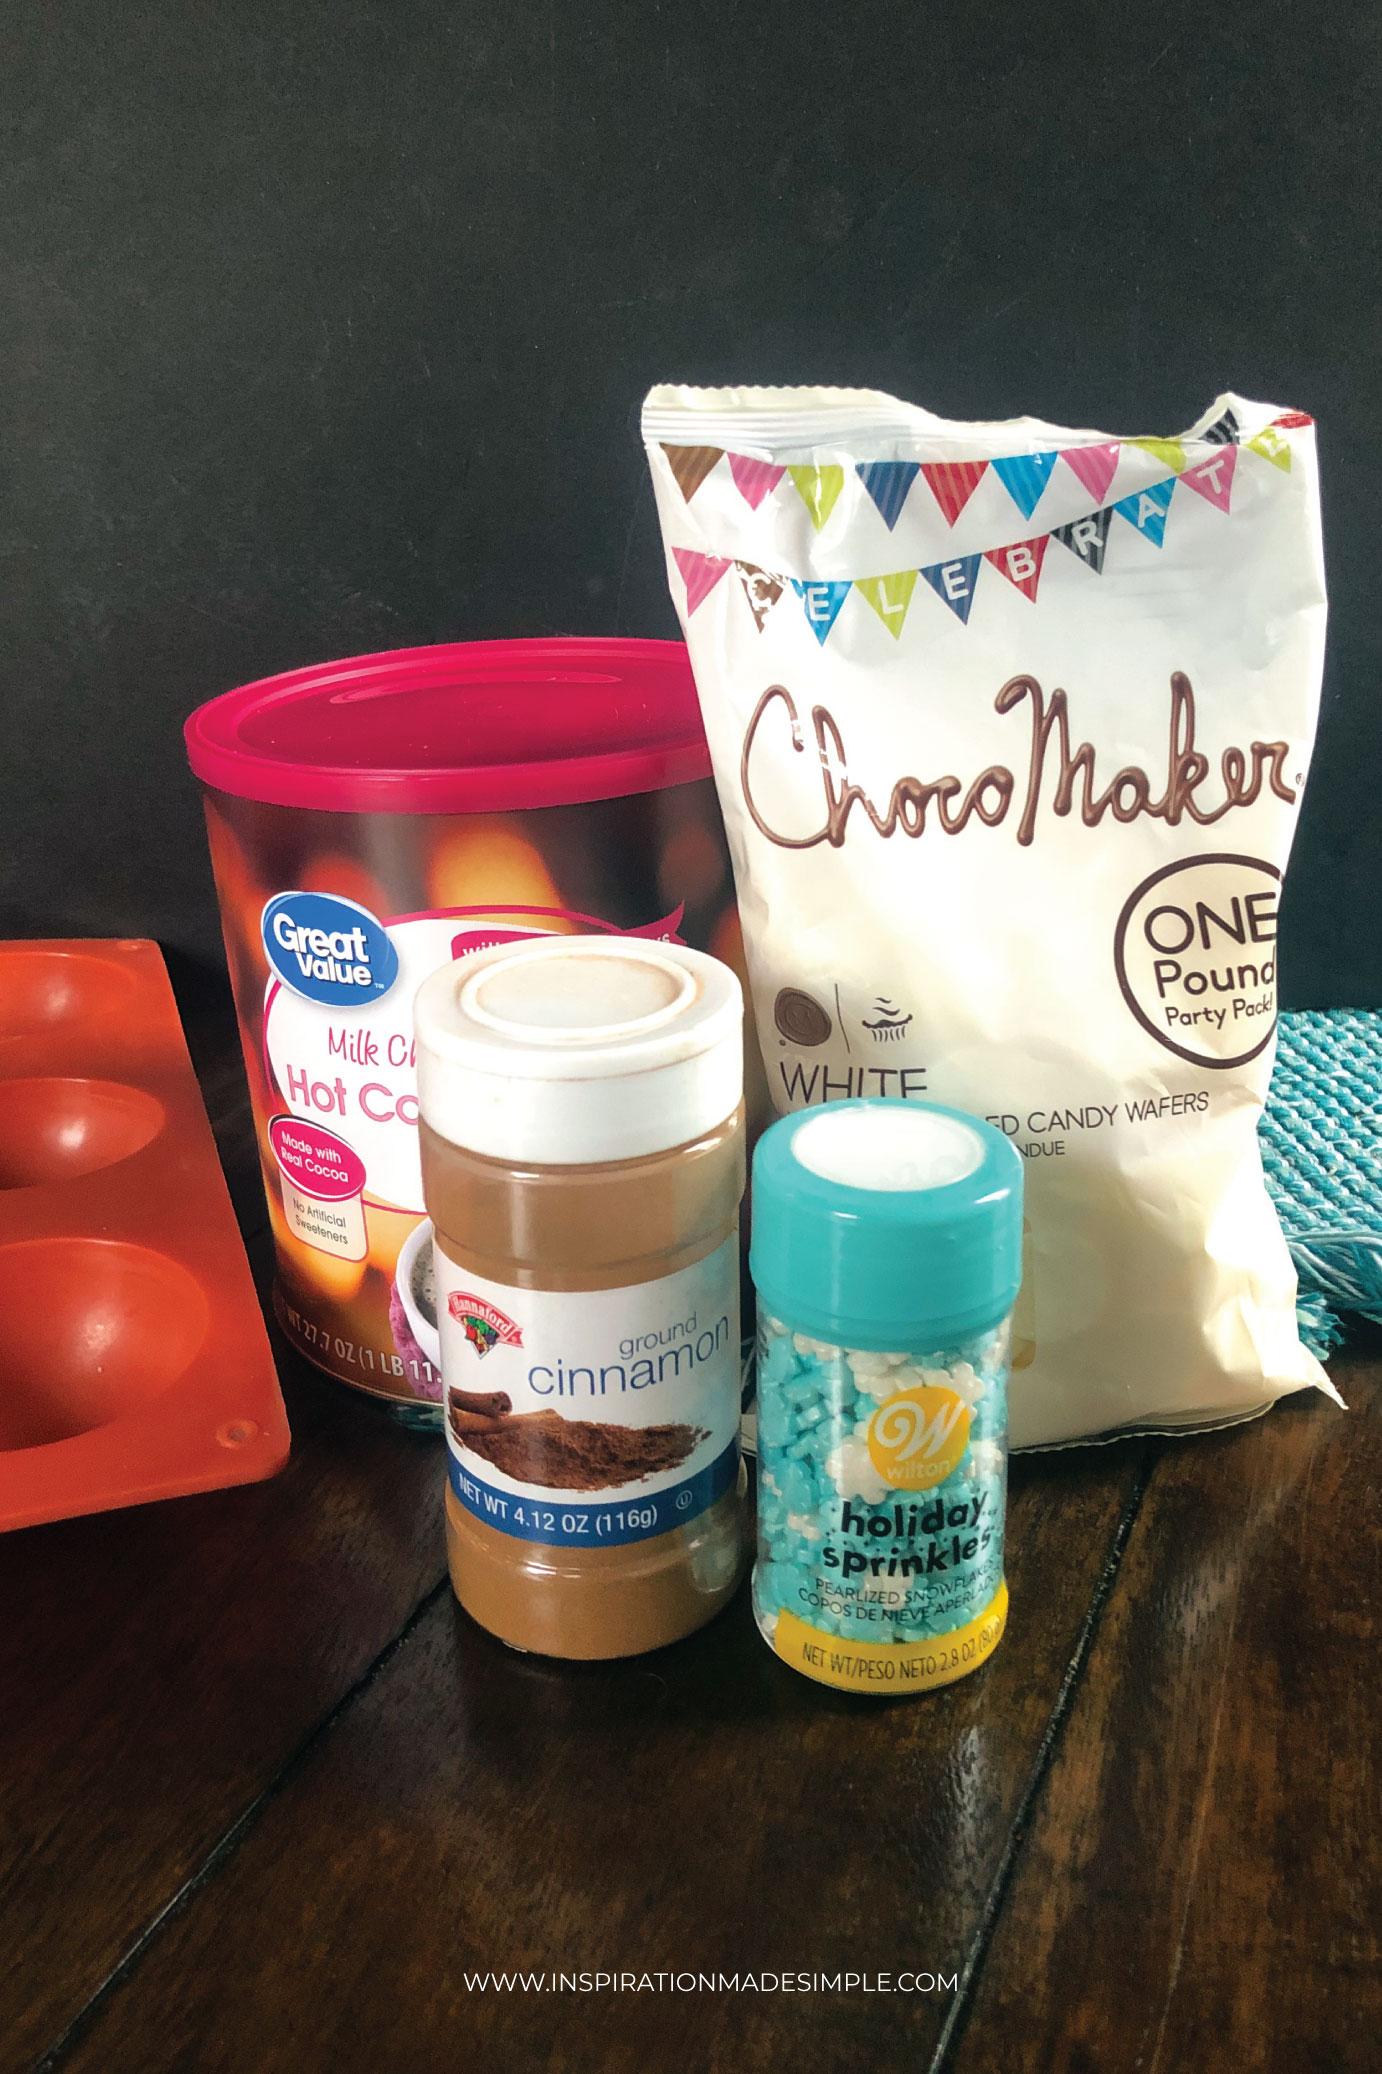 Cocoa bomb ingredients